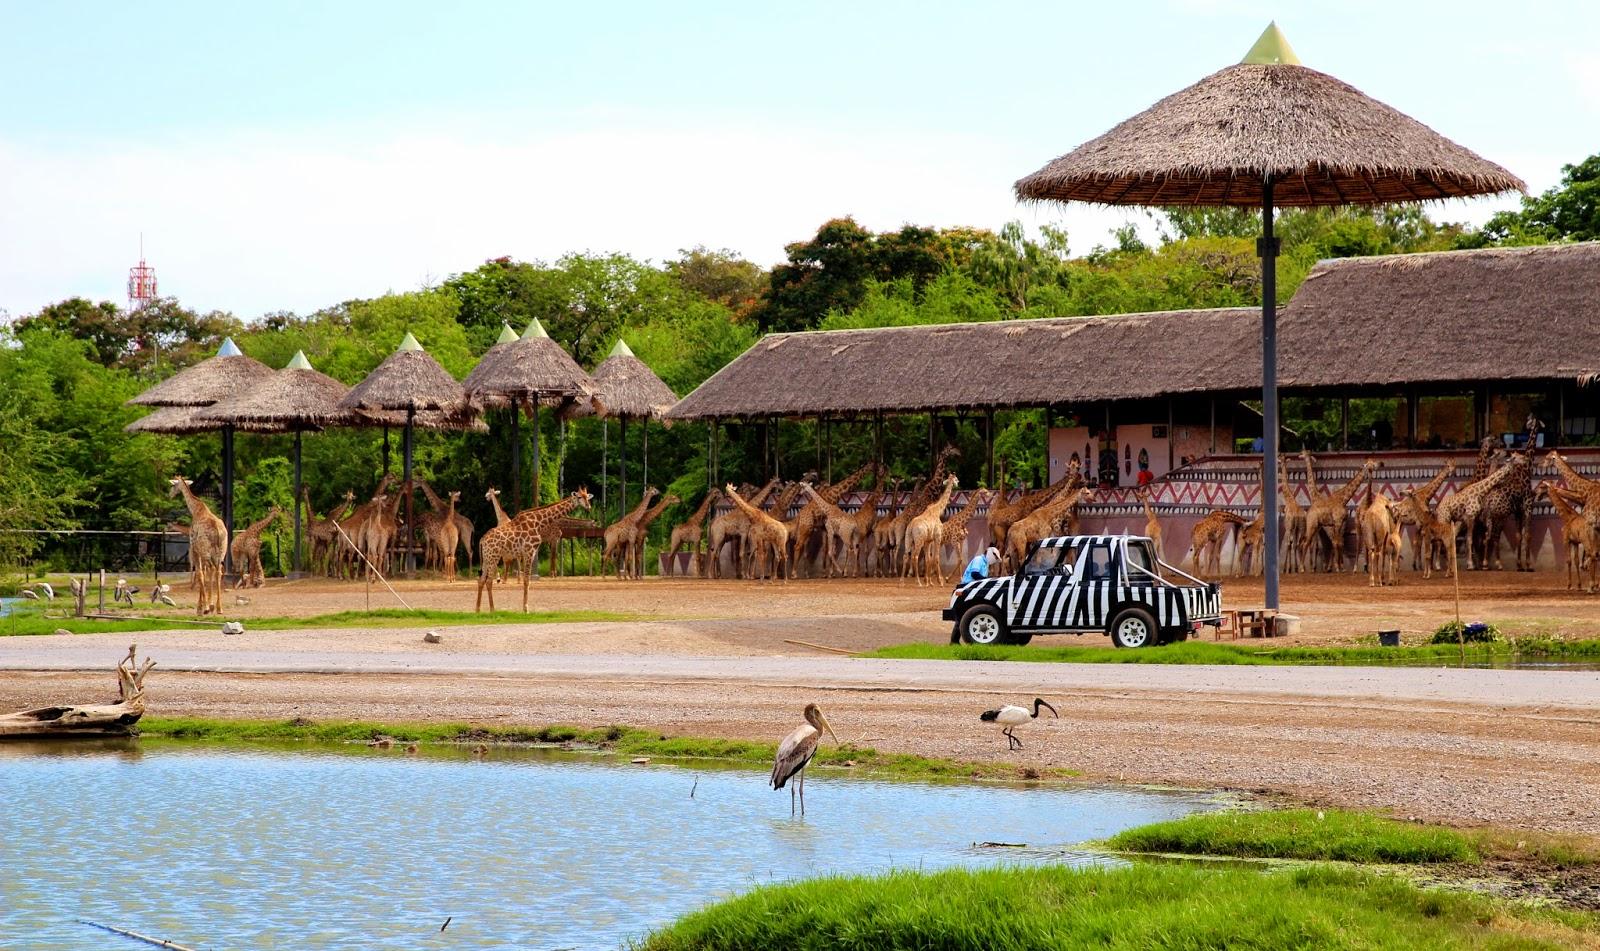 Giraffes at Safari World Bangkok